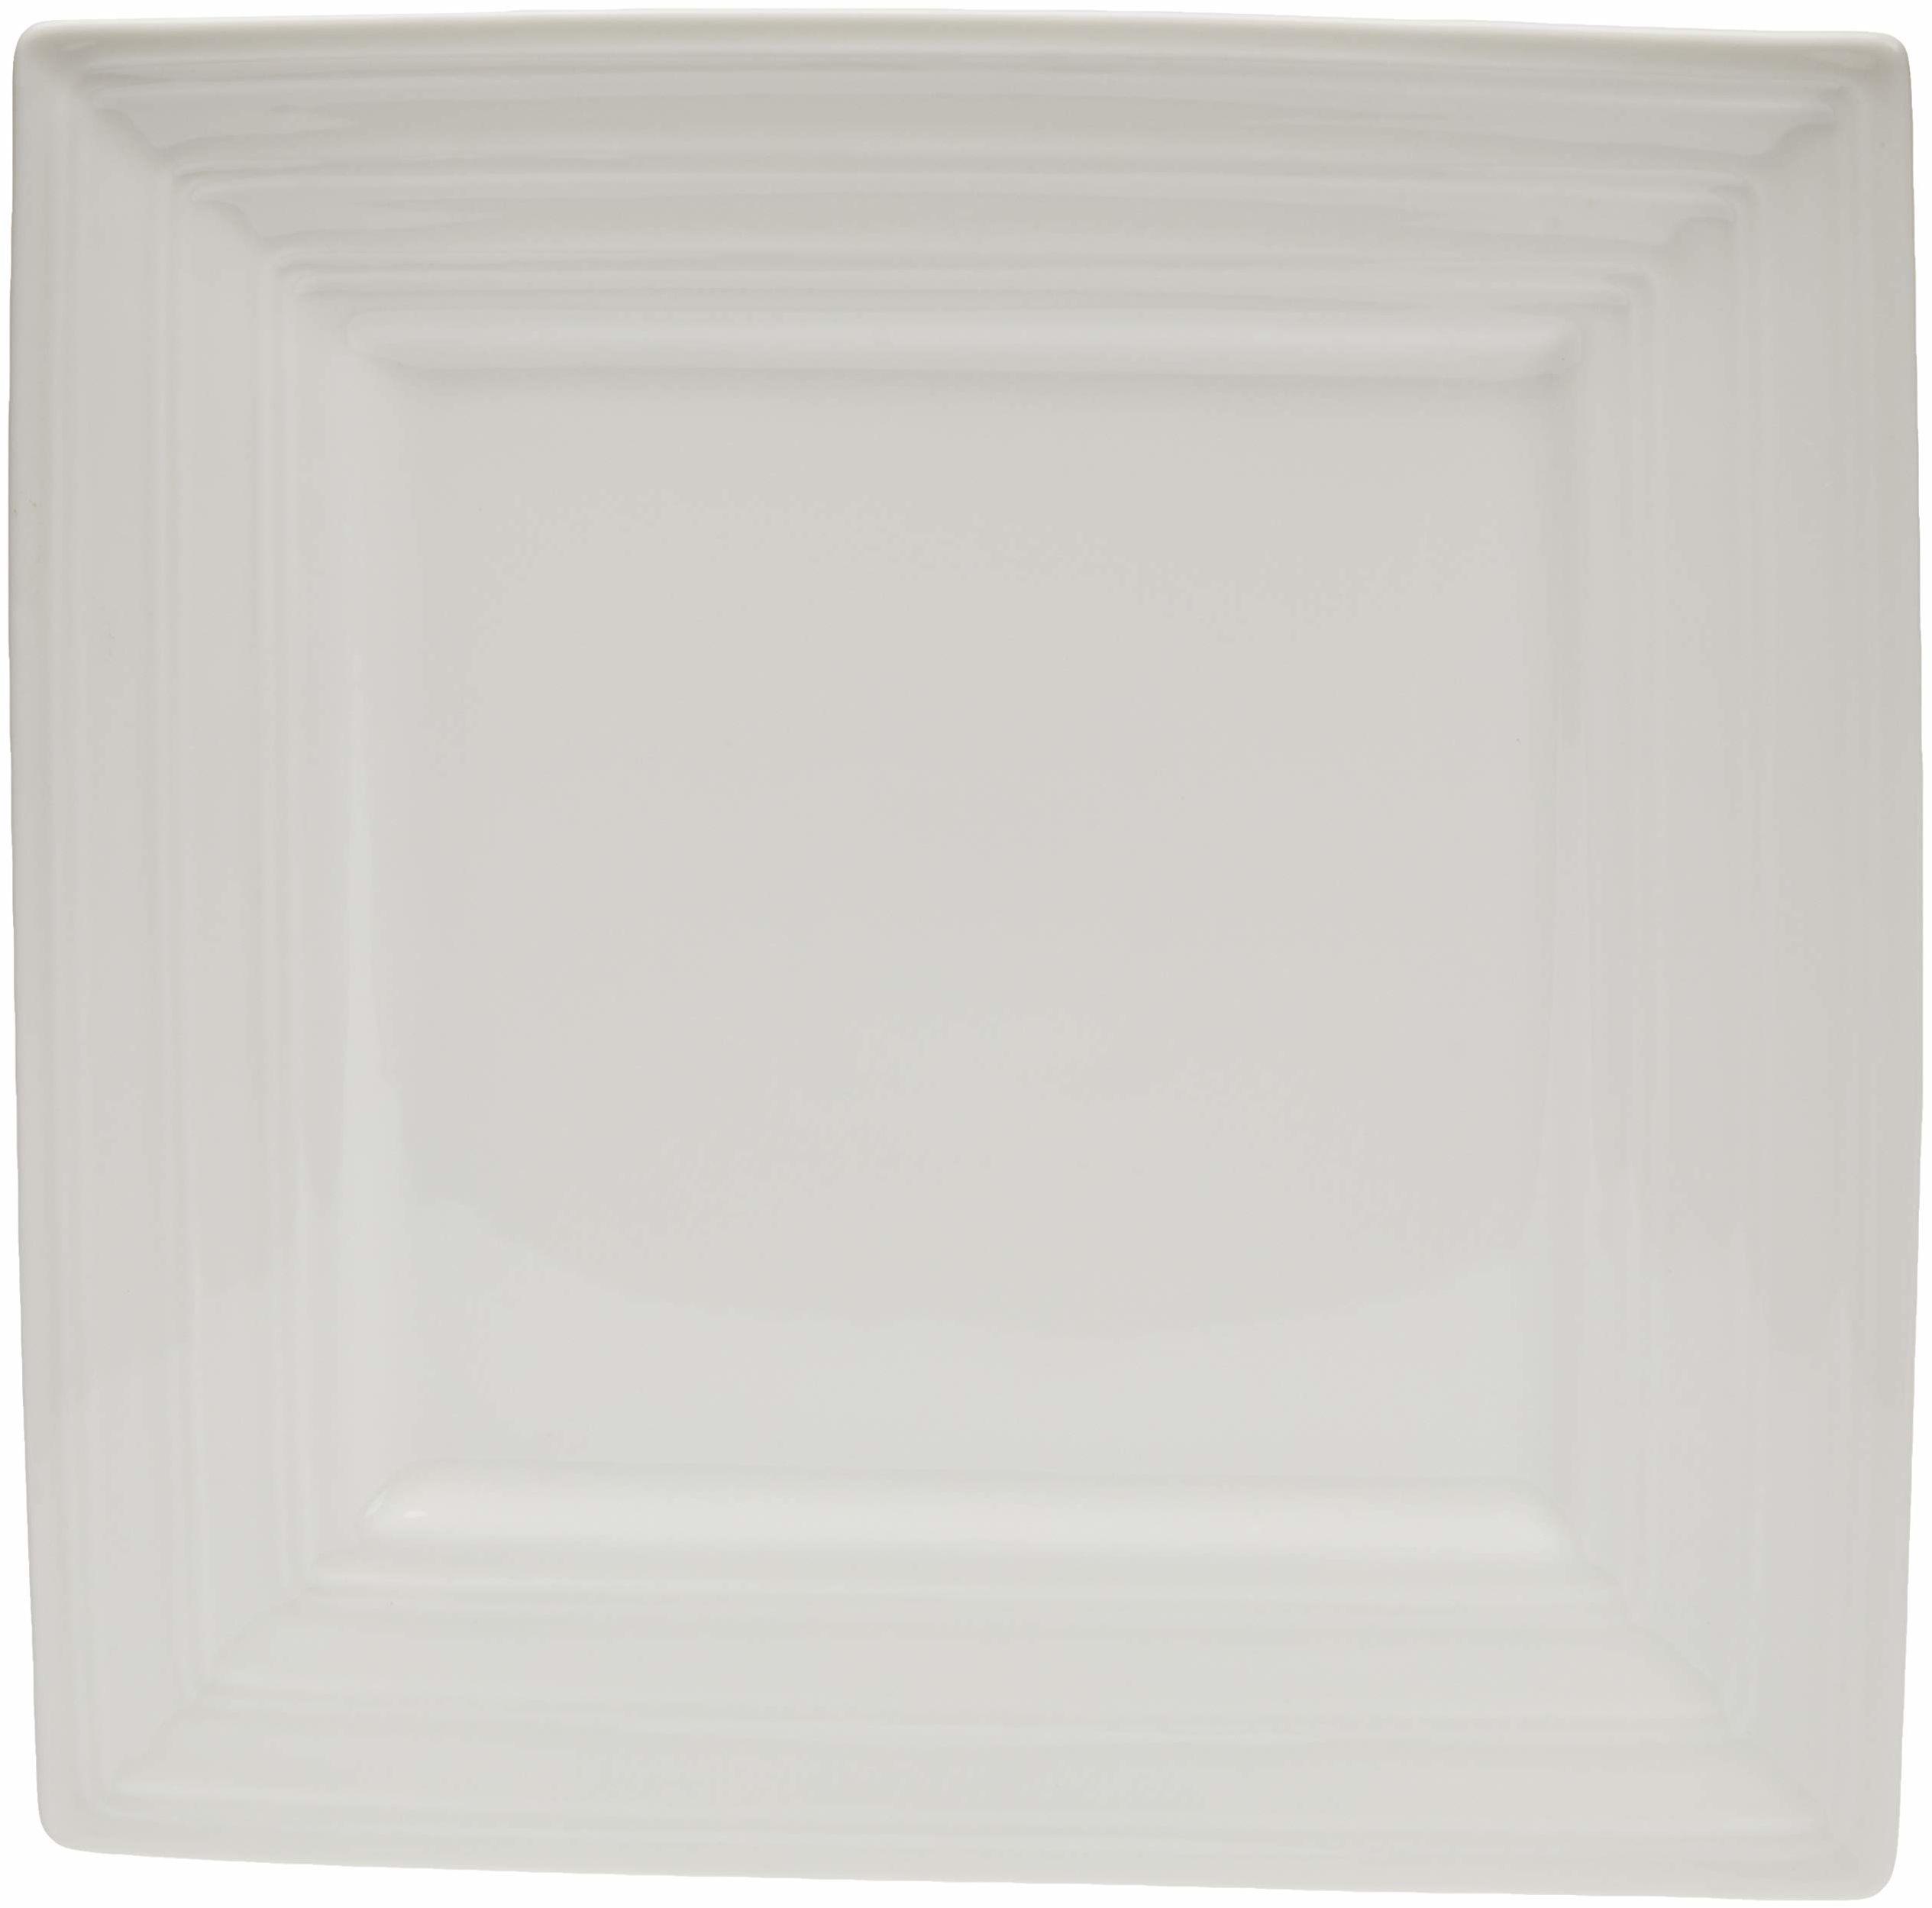 Better & Best P duży półmisek do serwowania, porcelana, biały, kwadratowy z gładką krawędzią, wymiary 25,5 x 25,5 x 3 cm, ceramika